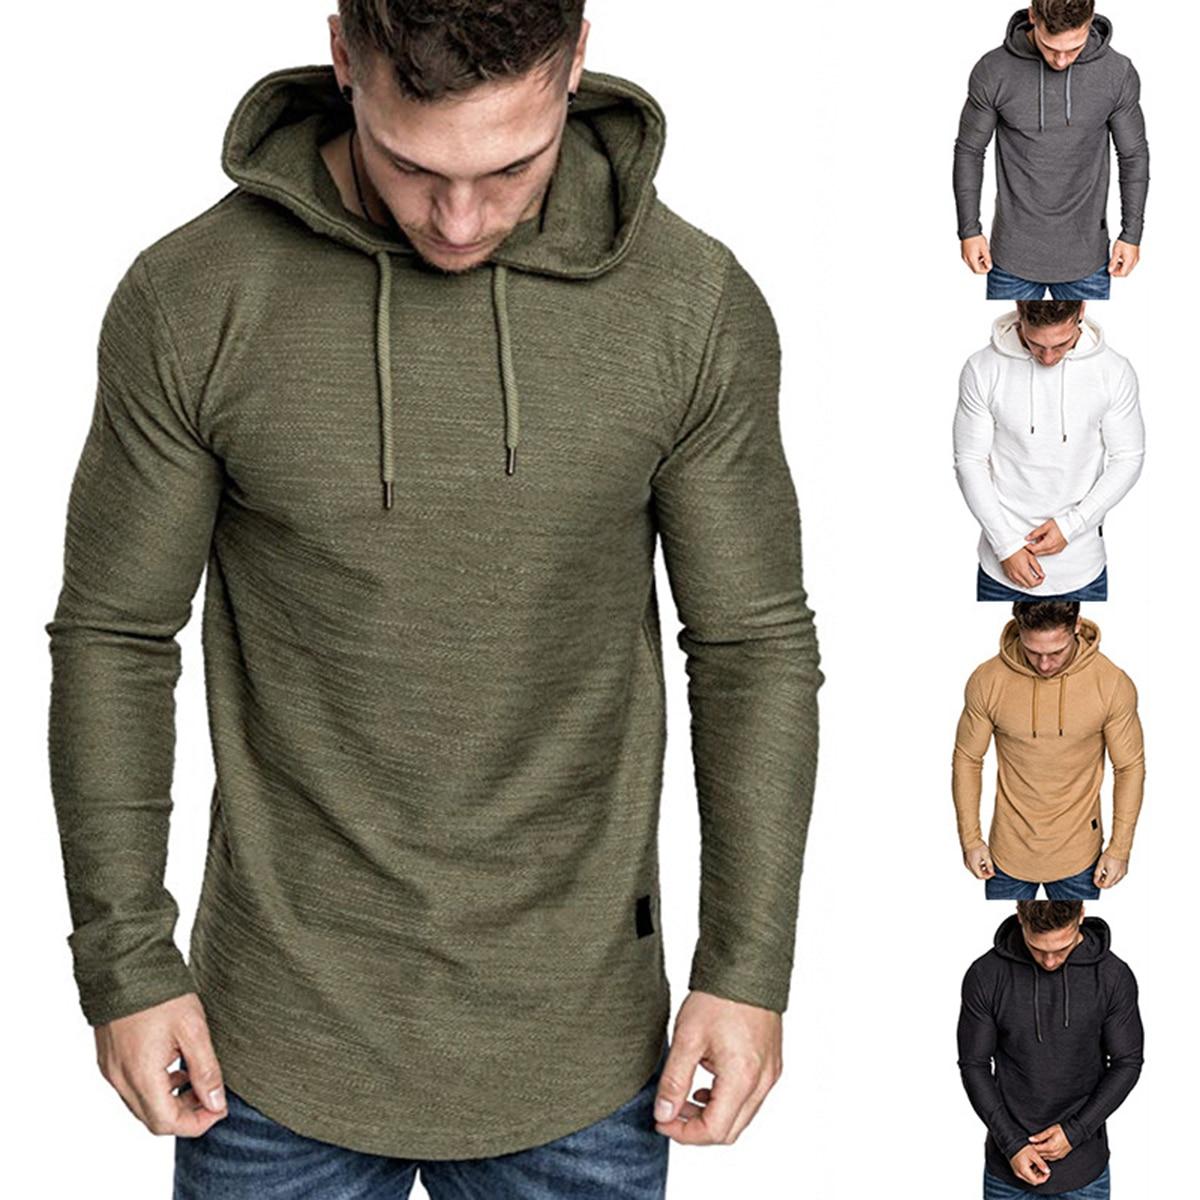 Mens Sweatshirt long Sleeve Autumn Spring Casual Hoodies Top Boy Blouse Tracksuits Sweatshirts Hoodies Men